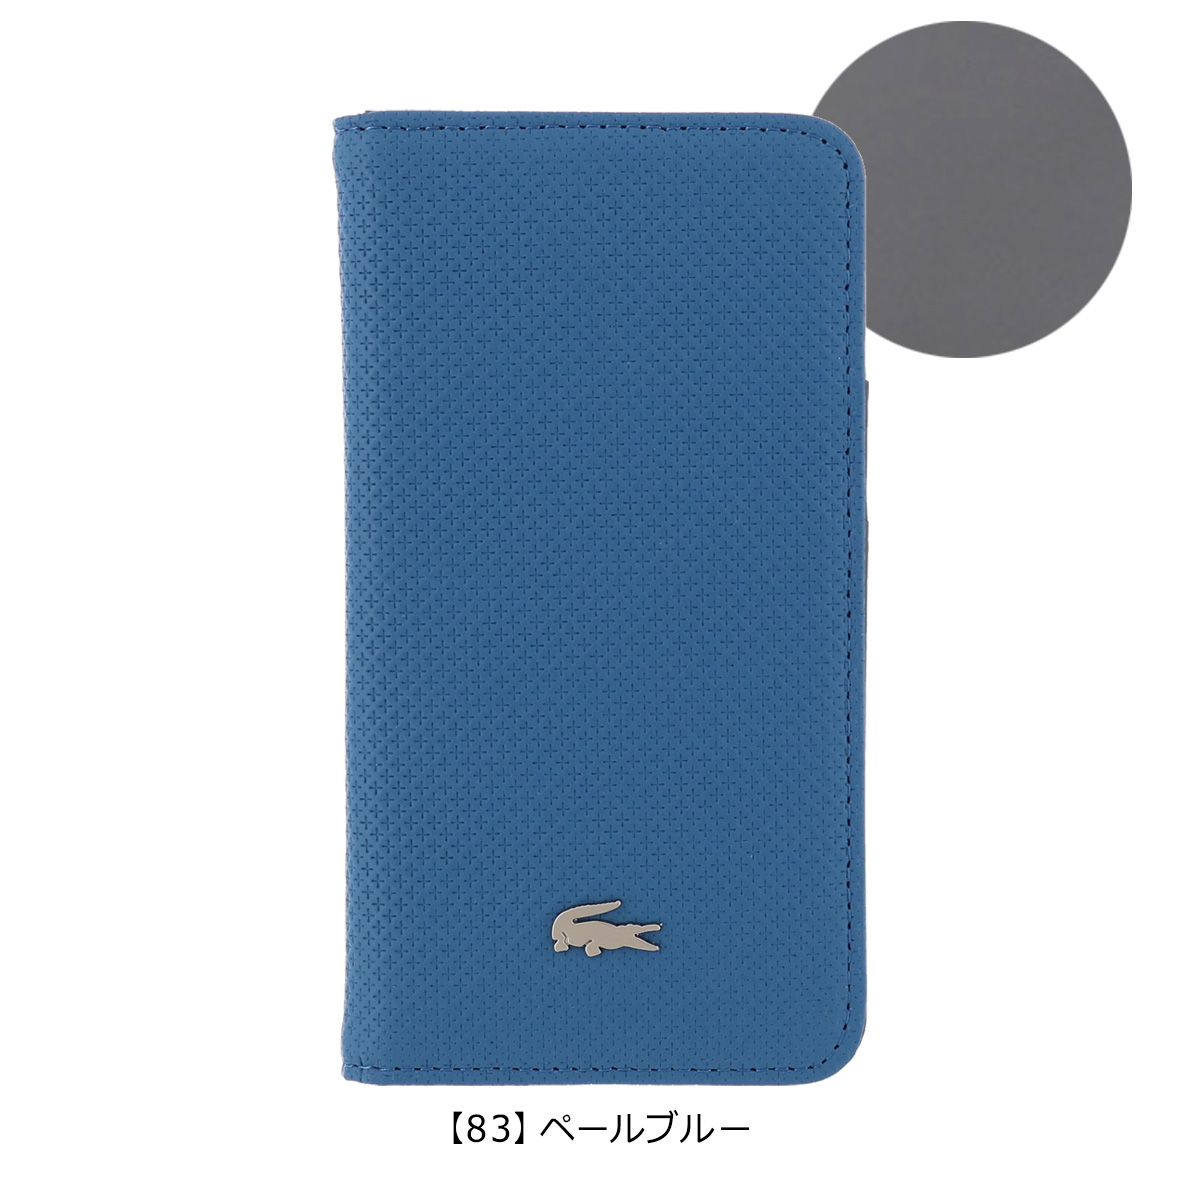 46b4959dfa ソフトな質感のレザーに型押しを施した、男性のビジネスライクを意識し、カジュアル感も合わせたiPhoneケース。前面のロゴは主張しすぎないサイズで品の あるデザインに ...